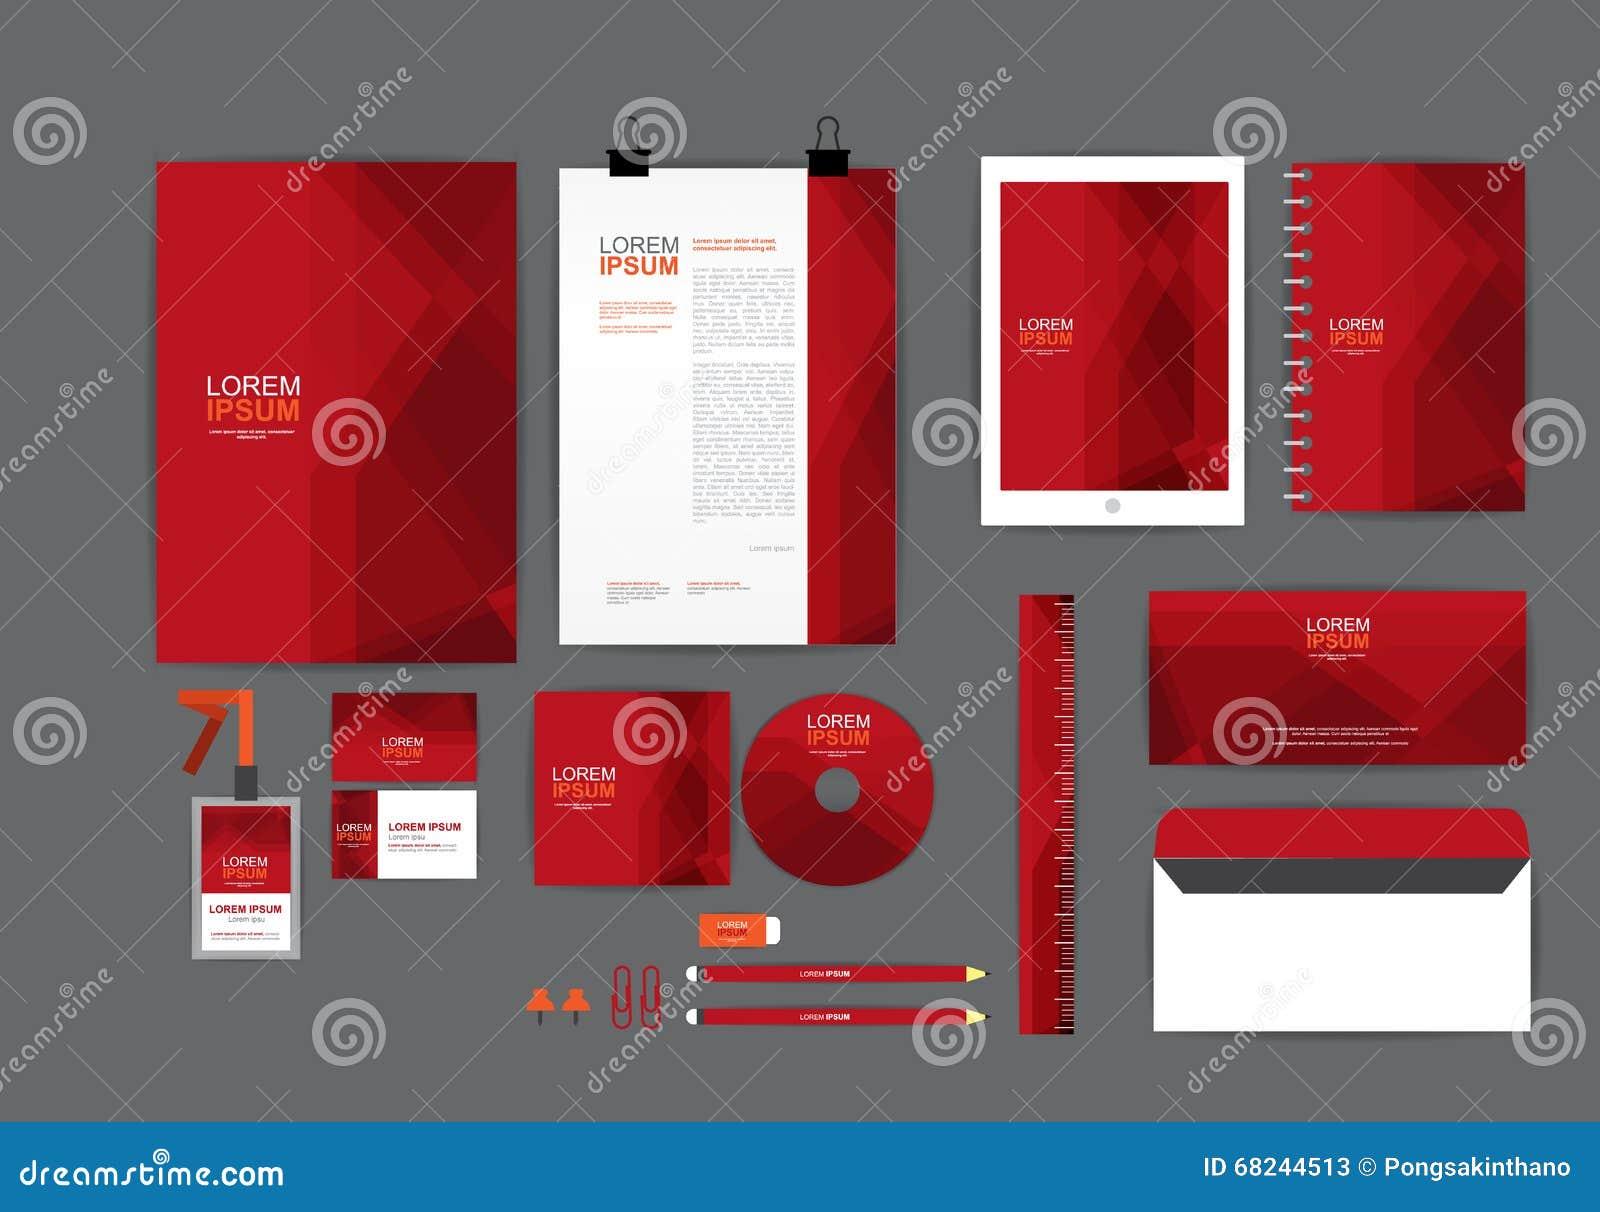 Rojo y descargar gratis sexo de la casa 2 - xnxx-acom